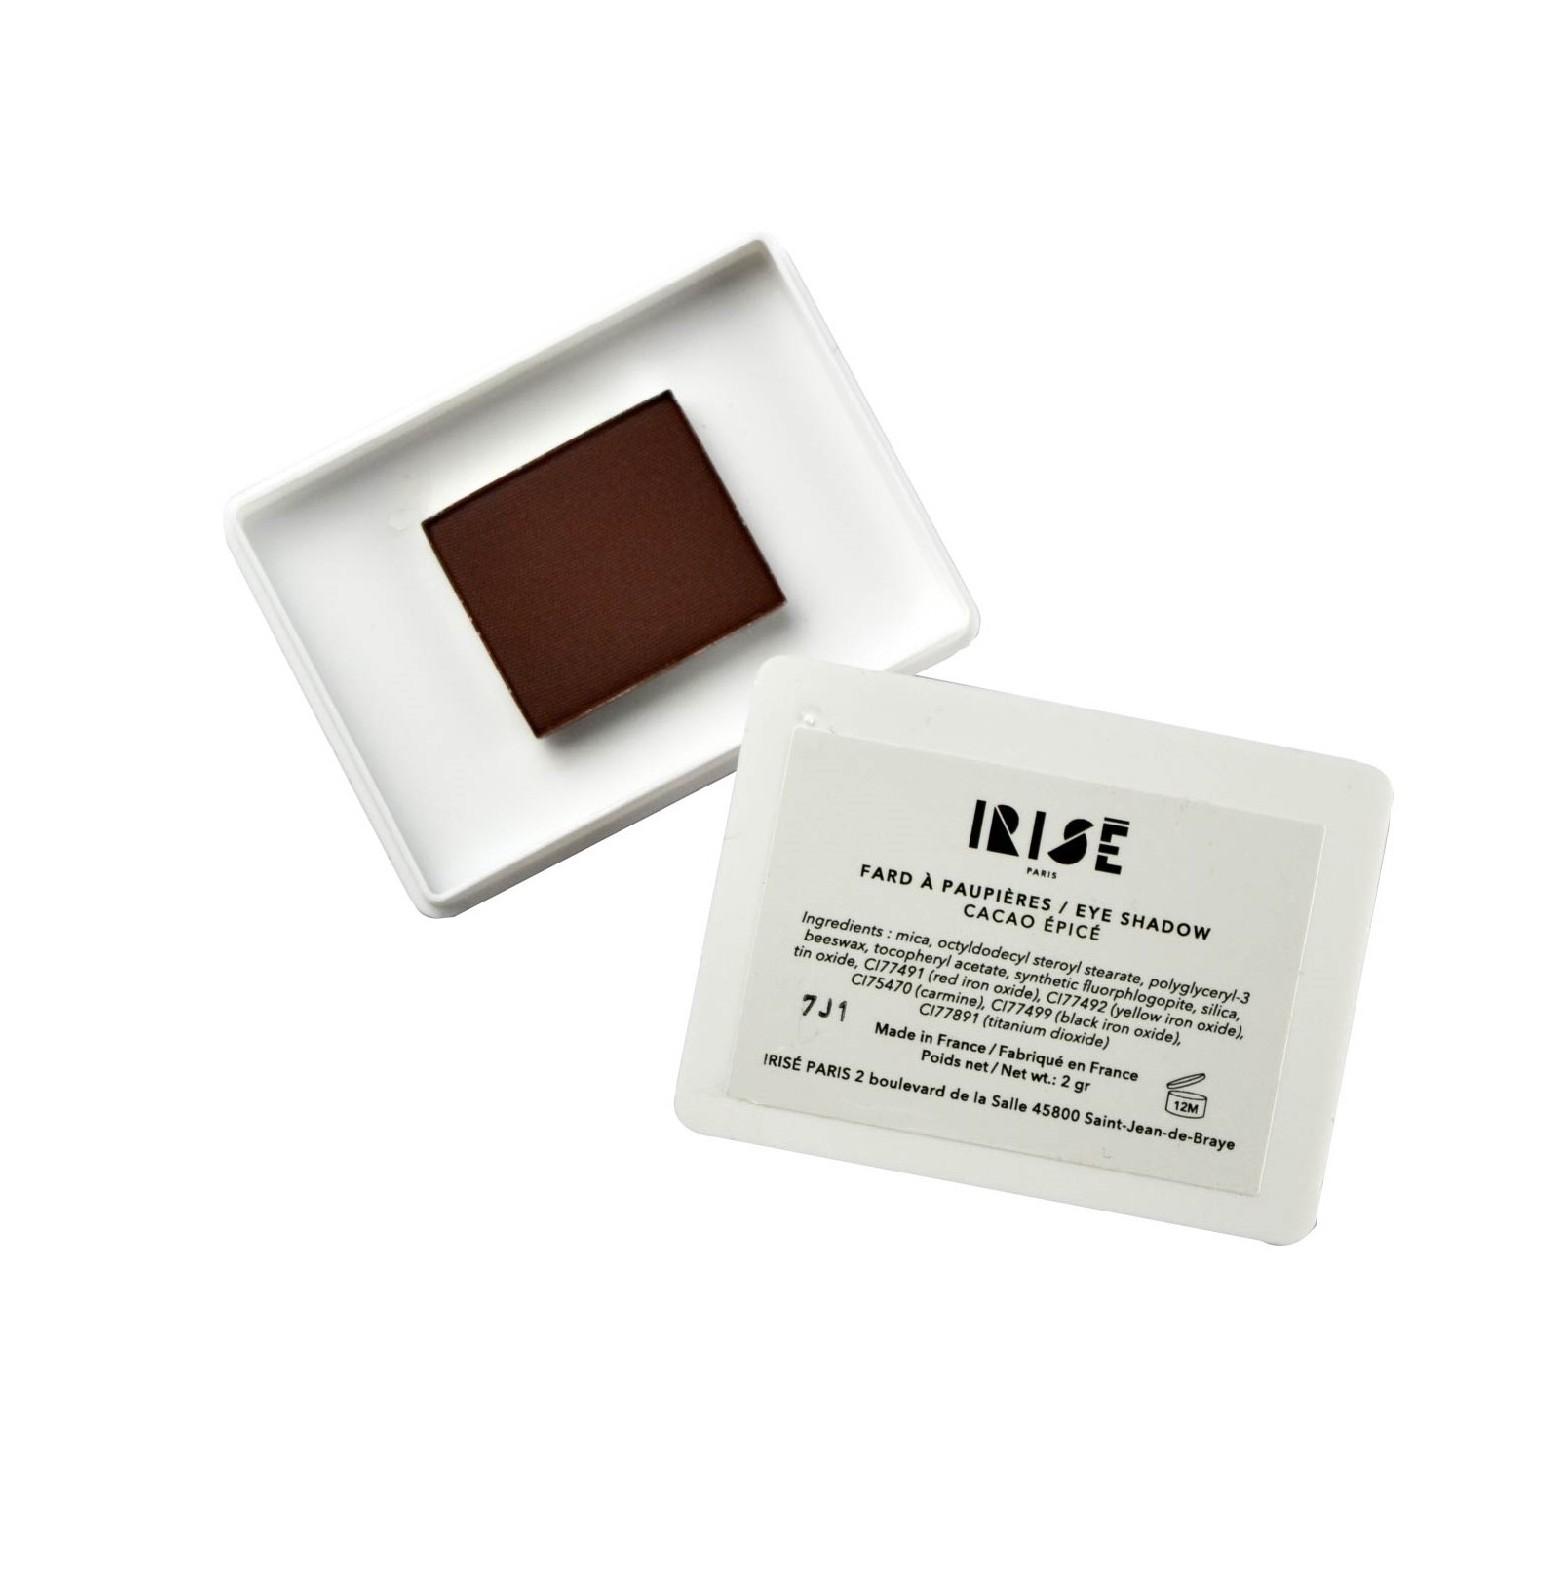 Cacao épicé_Fard à paupières Irisé